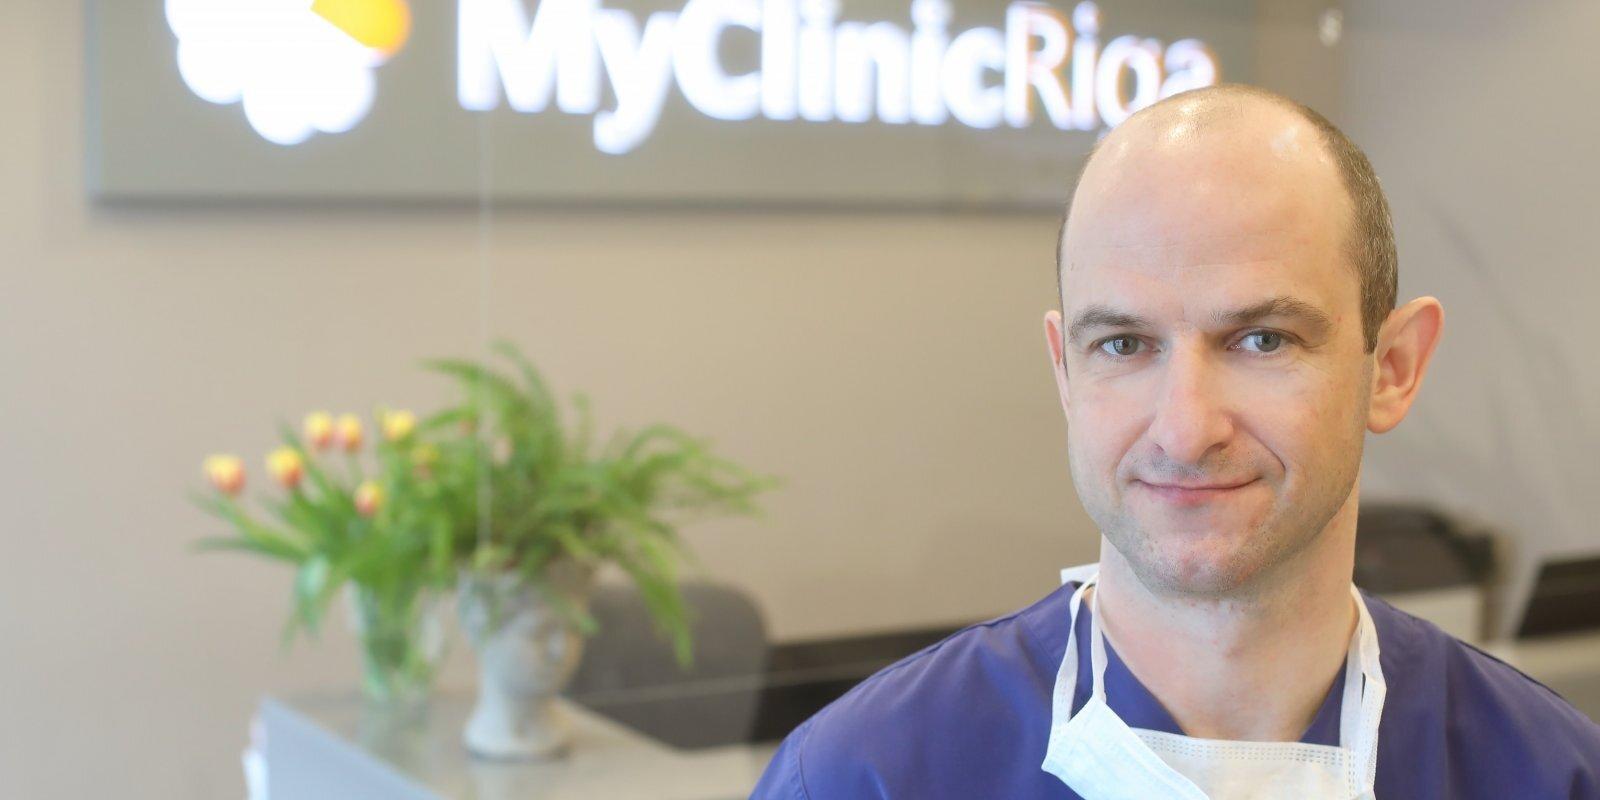 Neauglības diagnoze mūsdienās nereti kļuvusi ļoti komerciāla, atzīst 'My Clinic' vadītājs